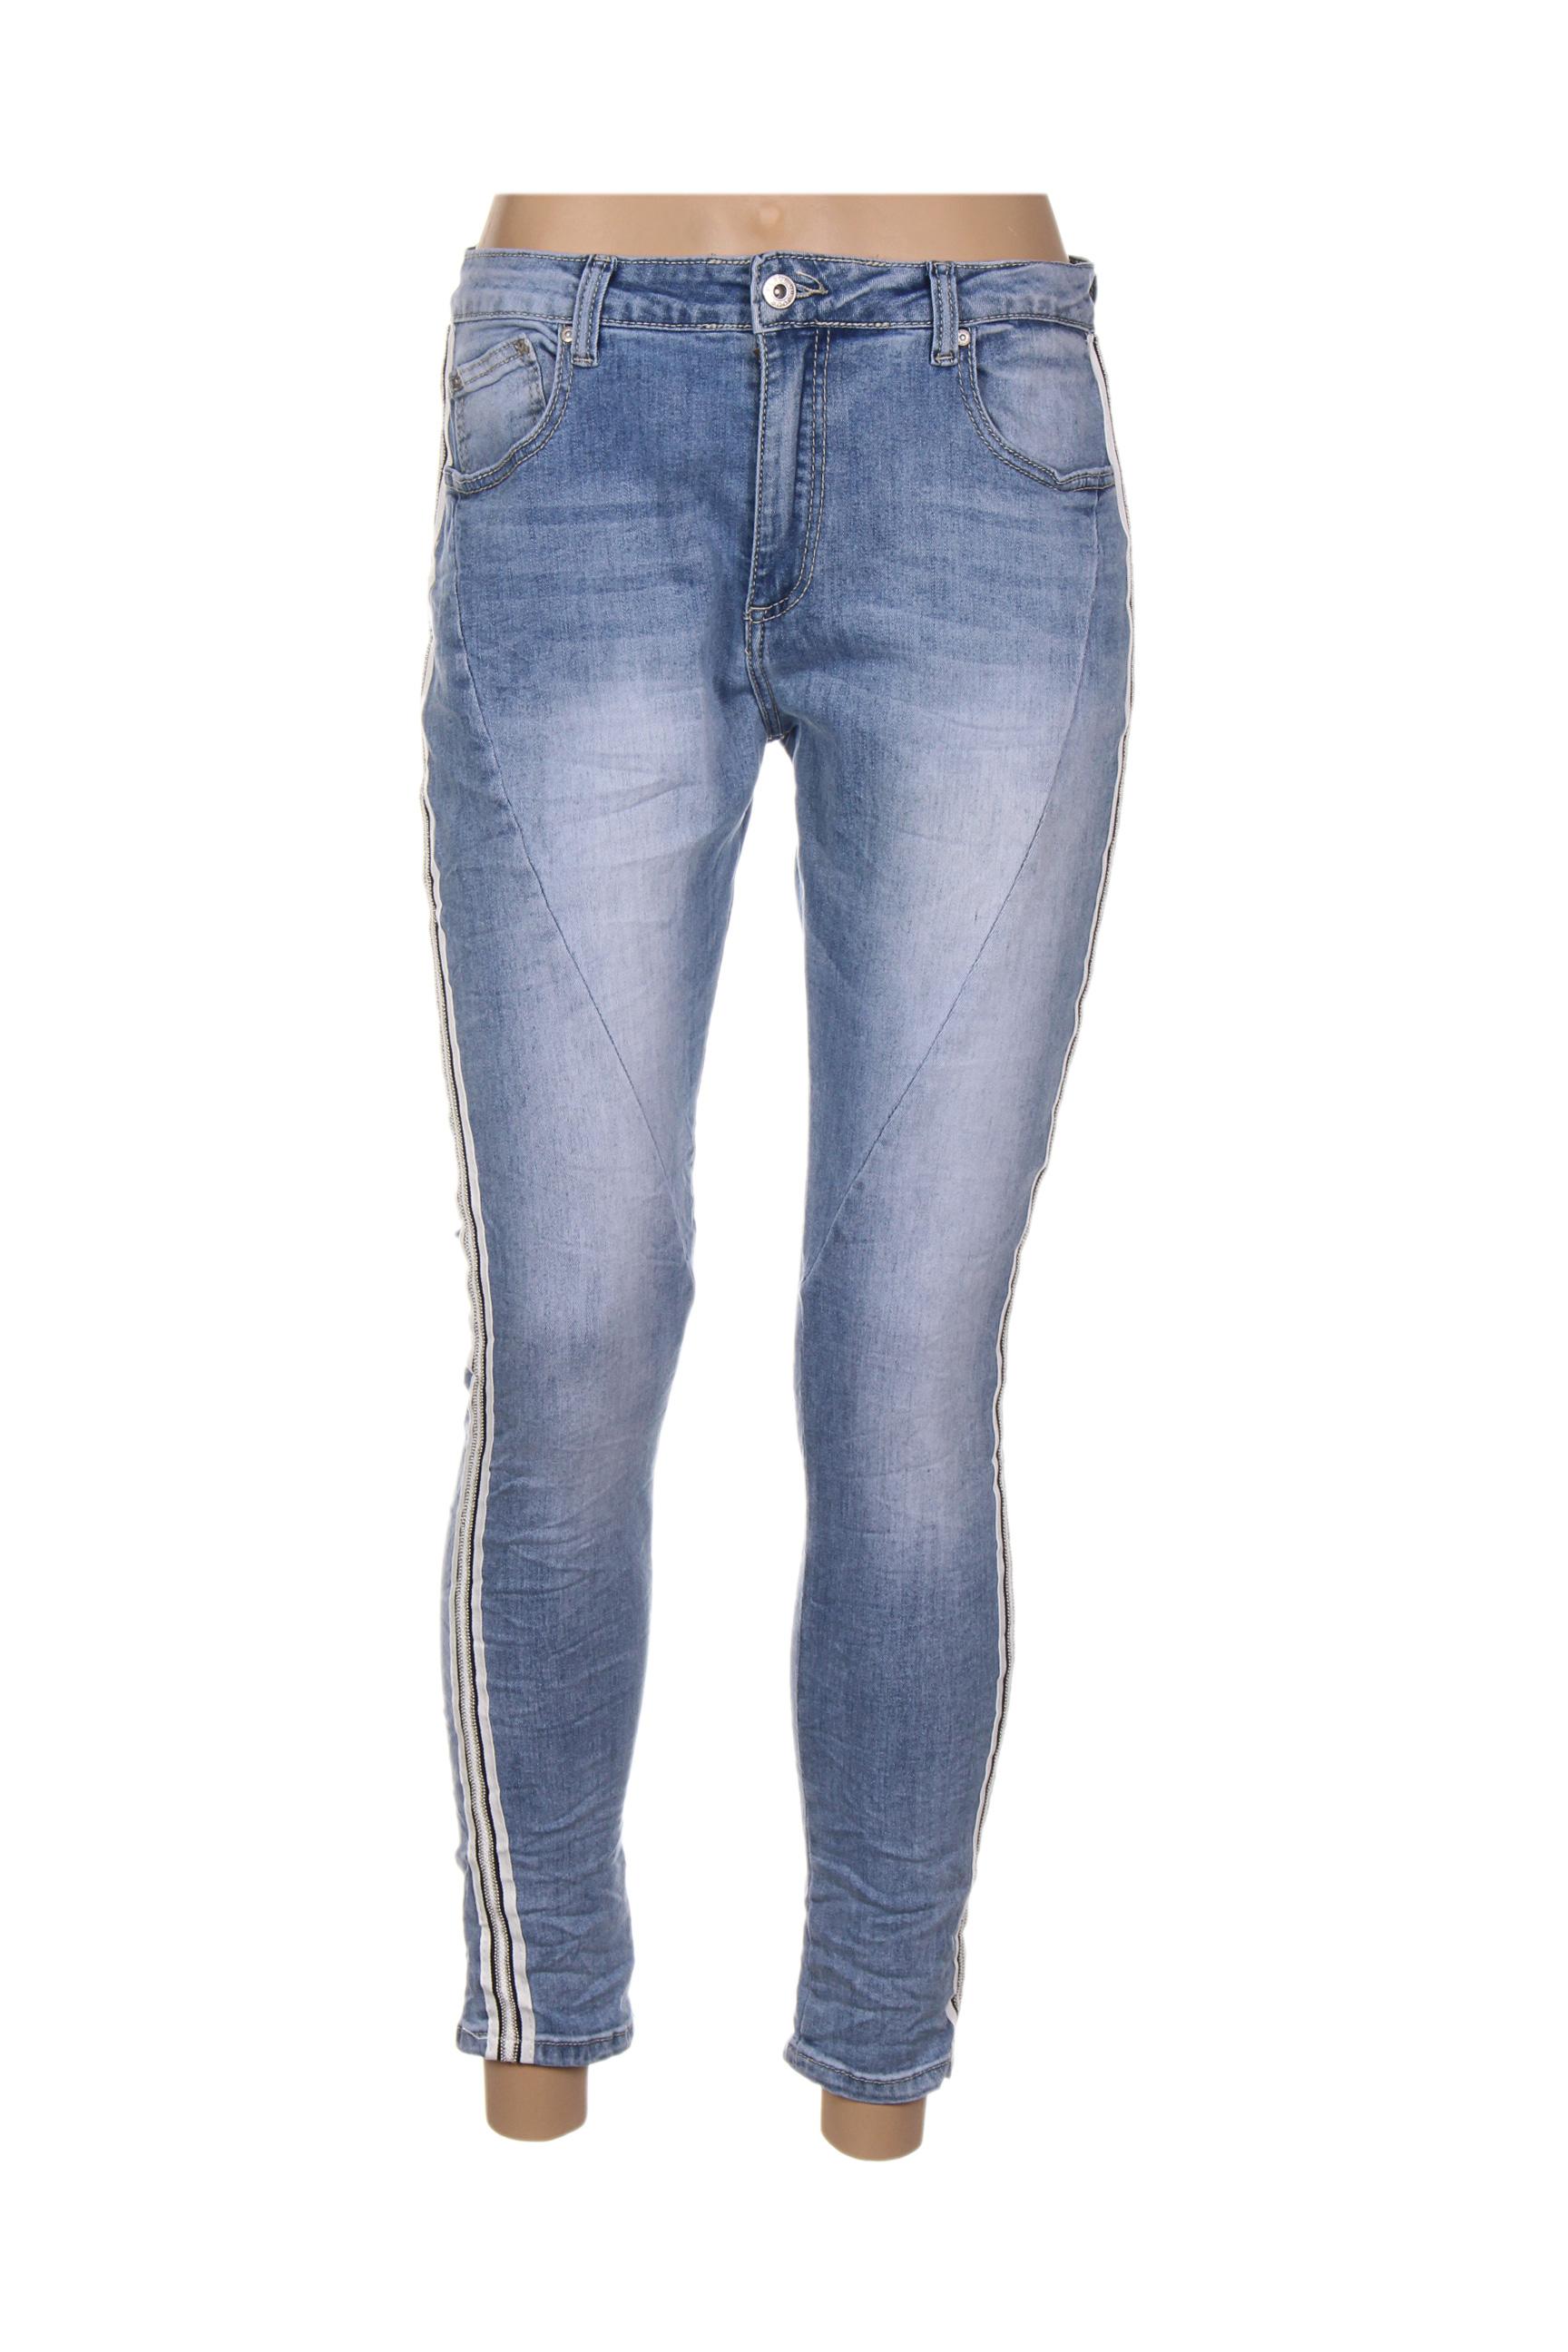 place du jour jeans coupe slim femme de couleur bleu en soldes pas cher 1326490 bleu00 modz